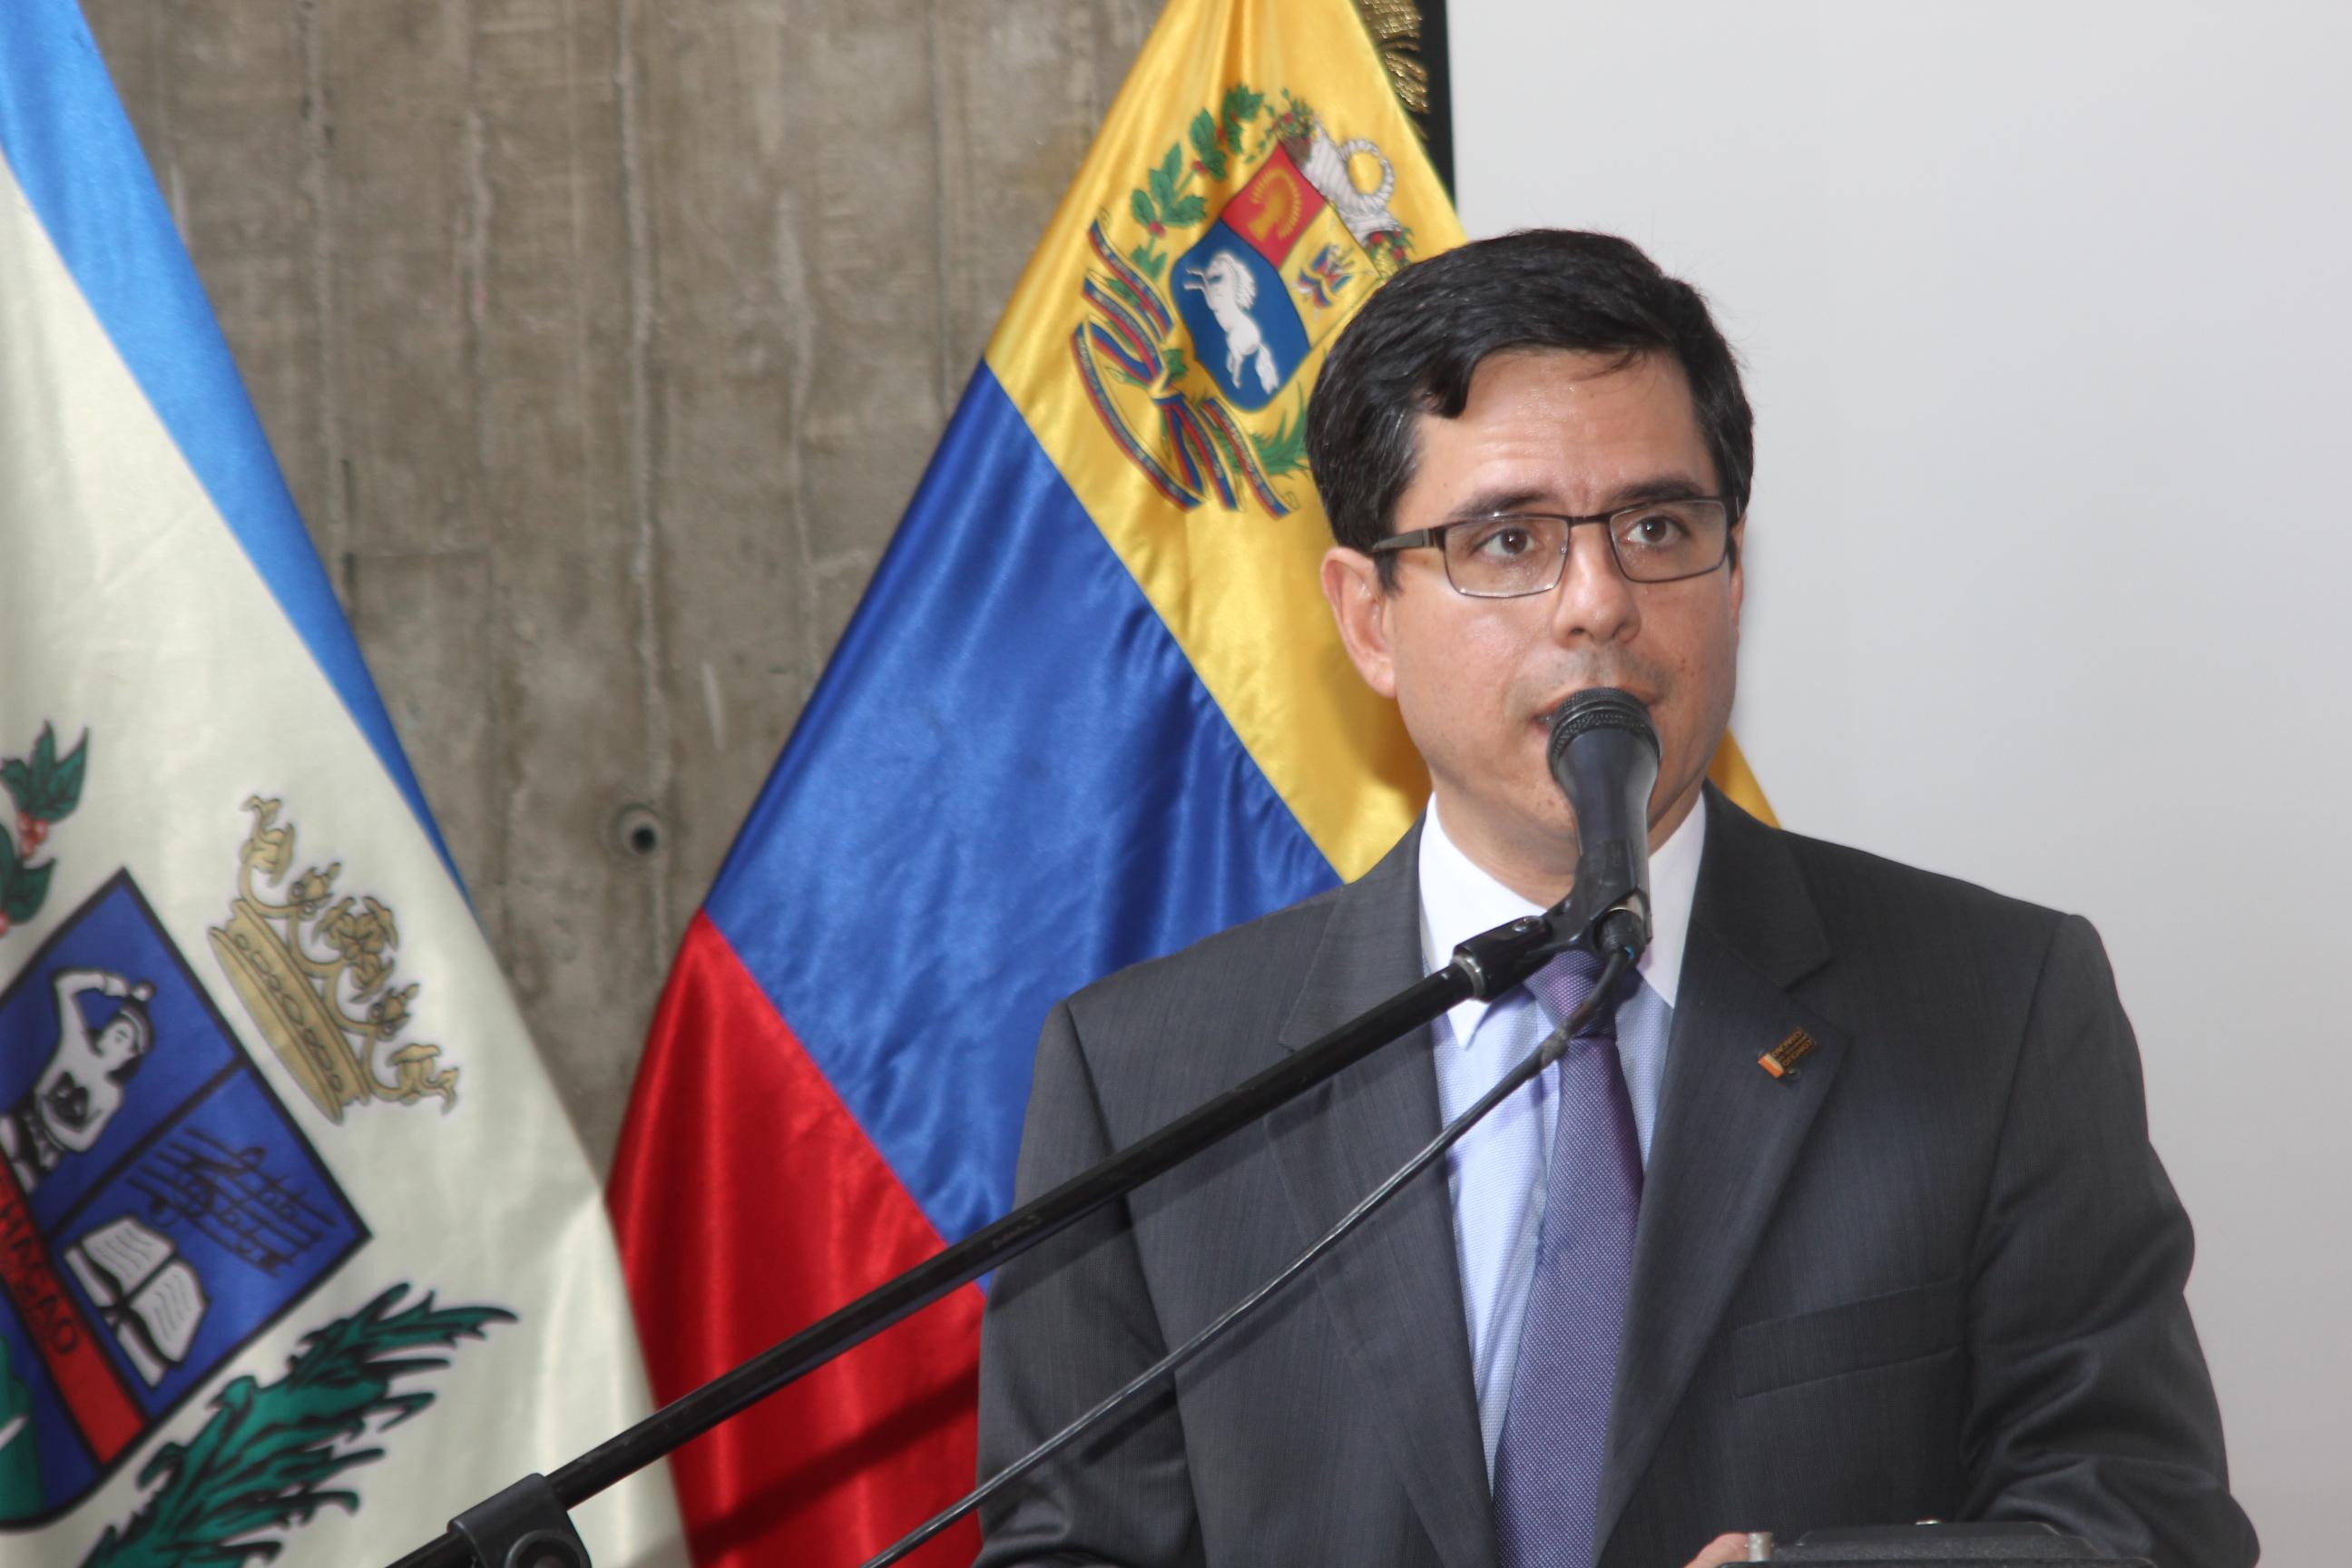 El Municipio de Venezuela profesionaliza a sus servidores públicos bajo el aval del CLAD